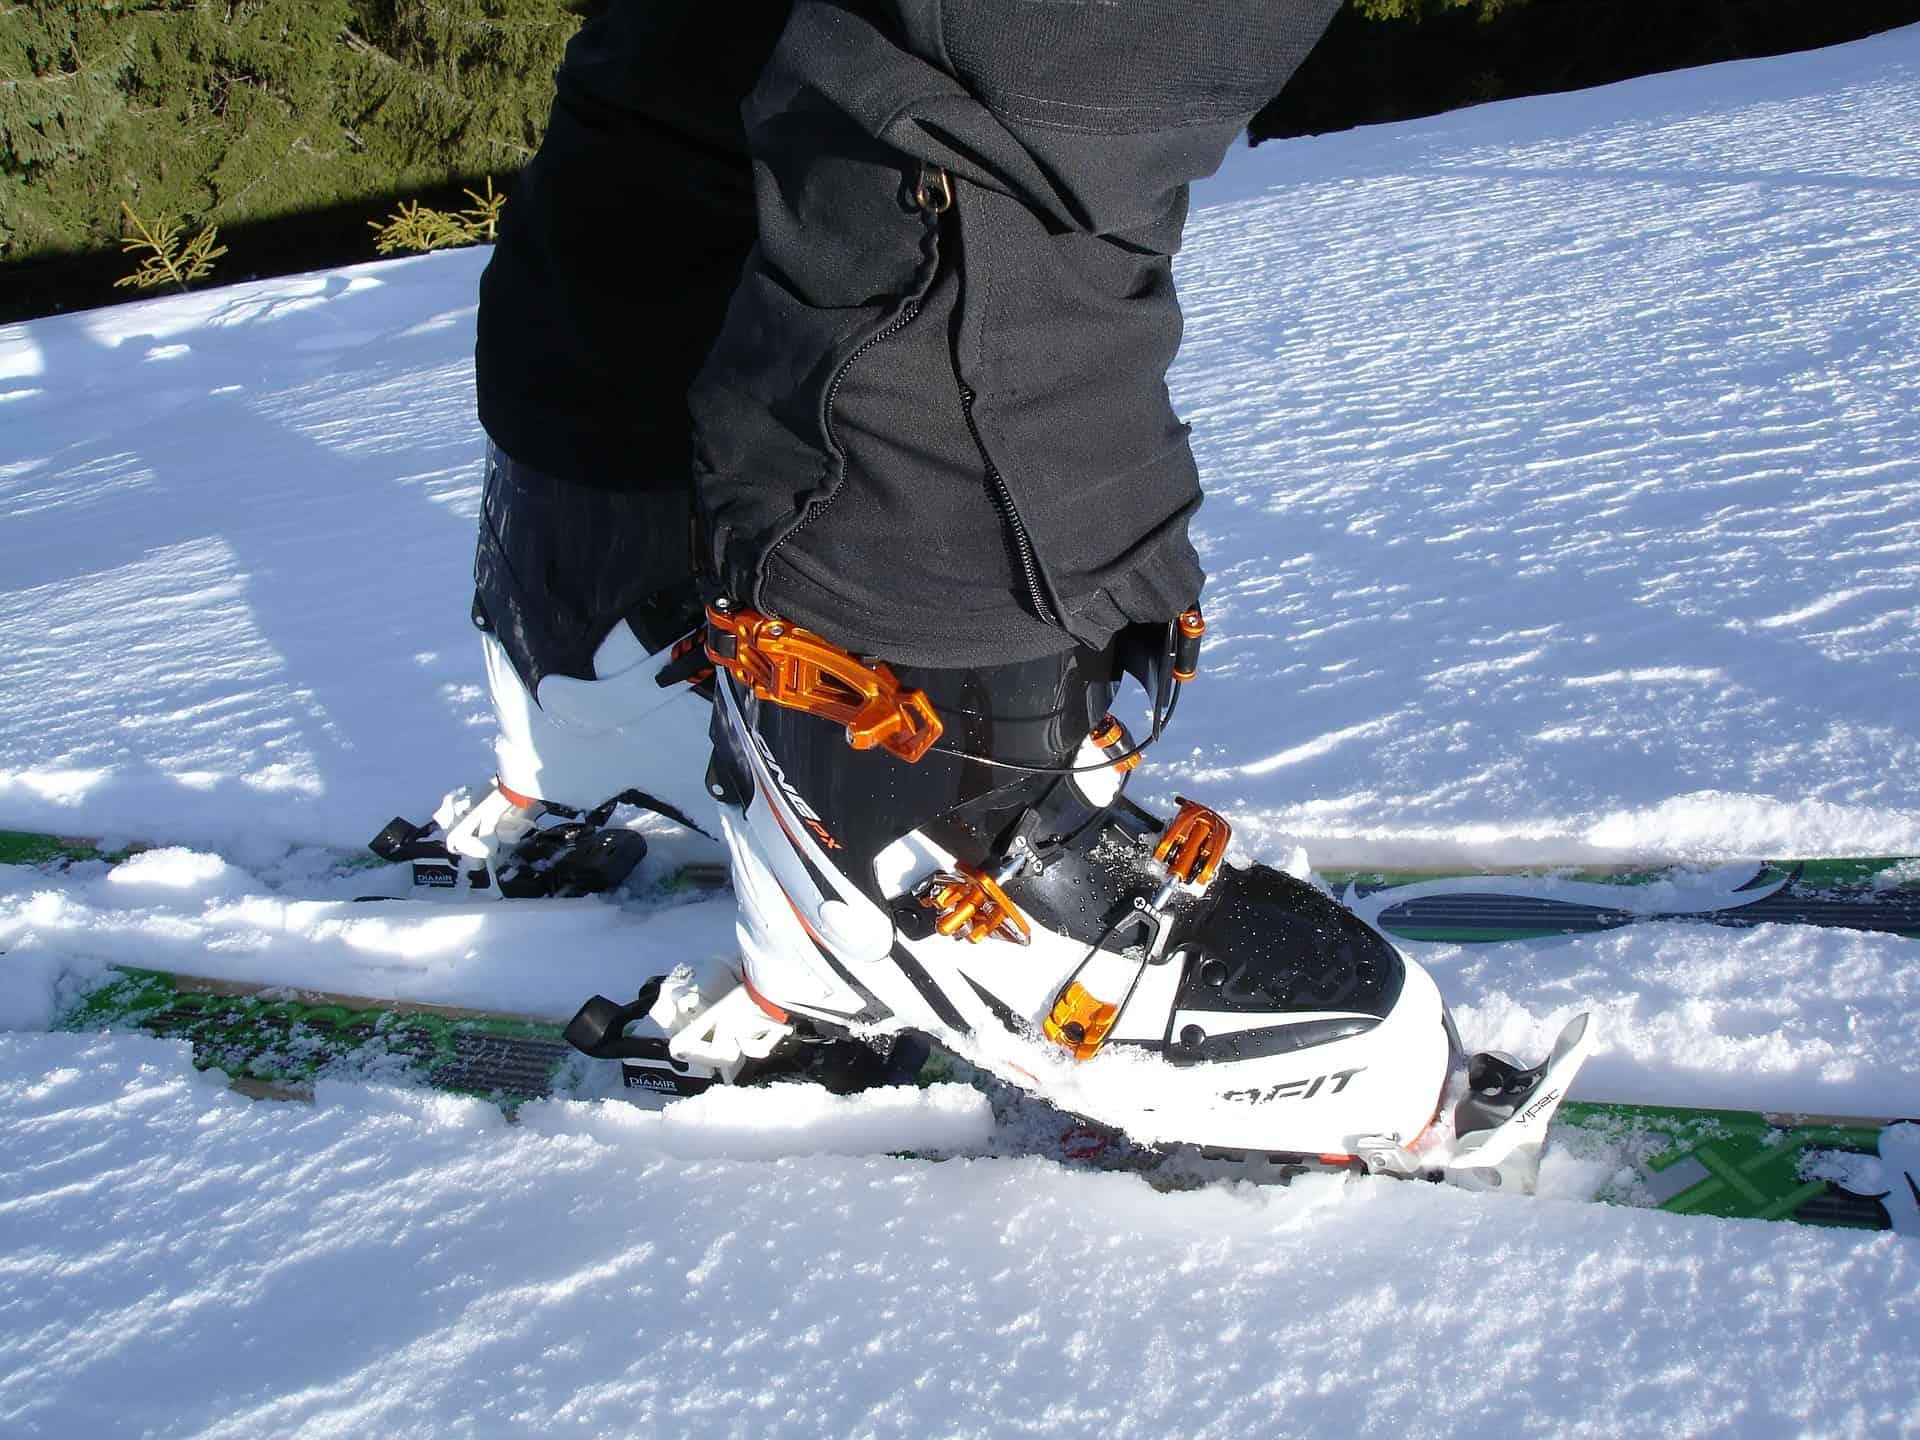 Skischuhe: Test & Empfehlungen (10/20)